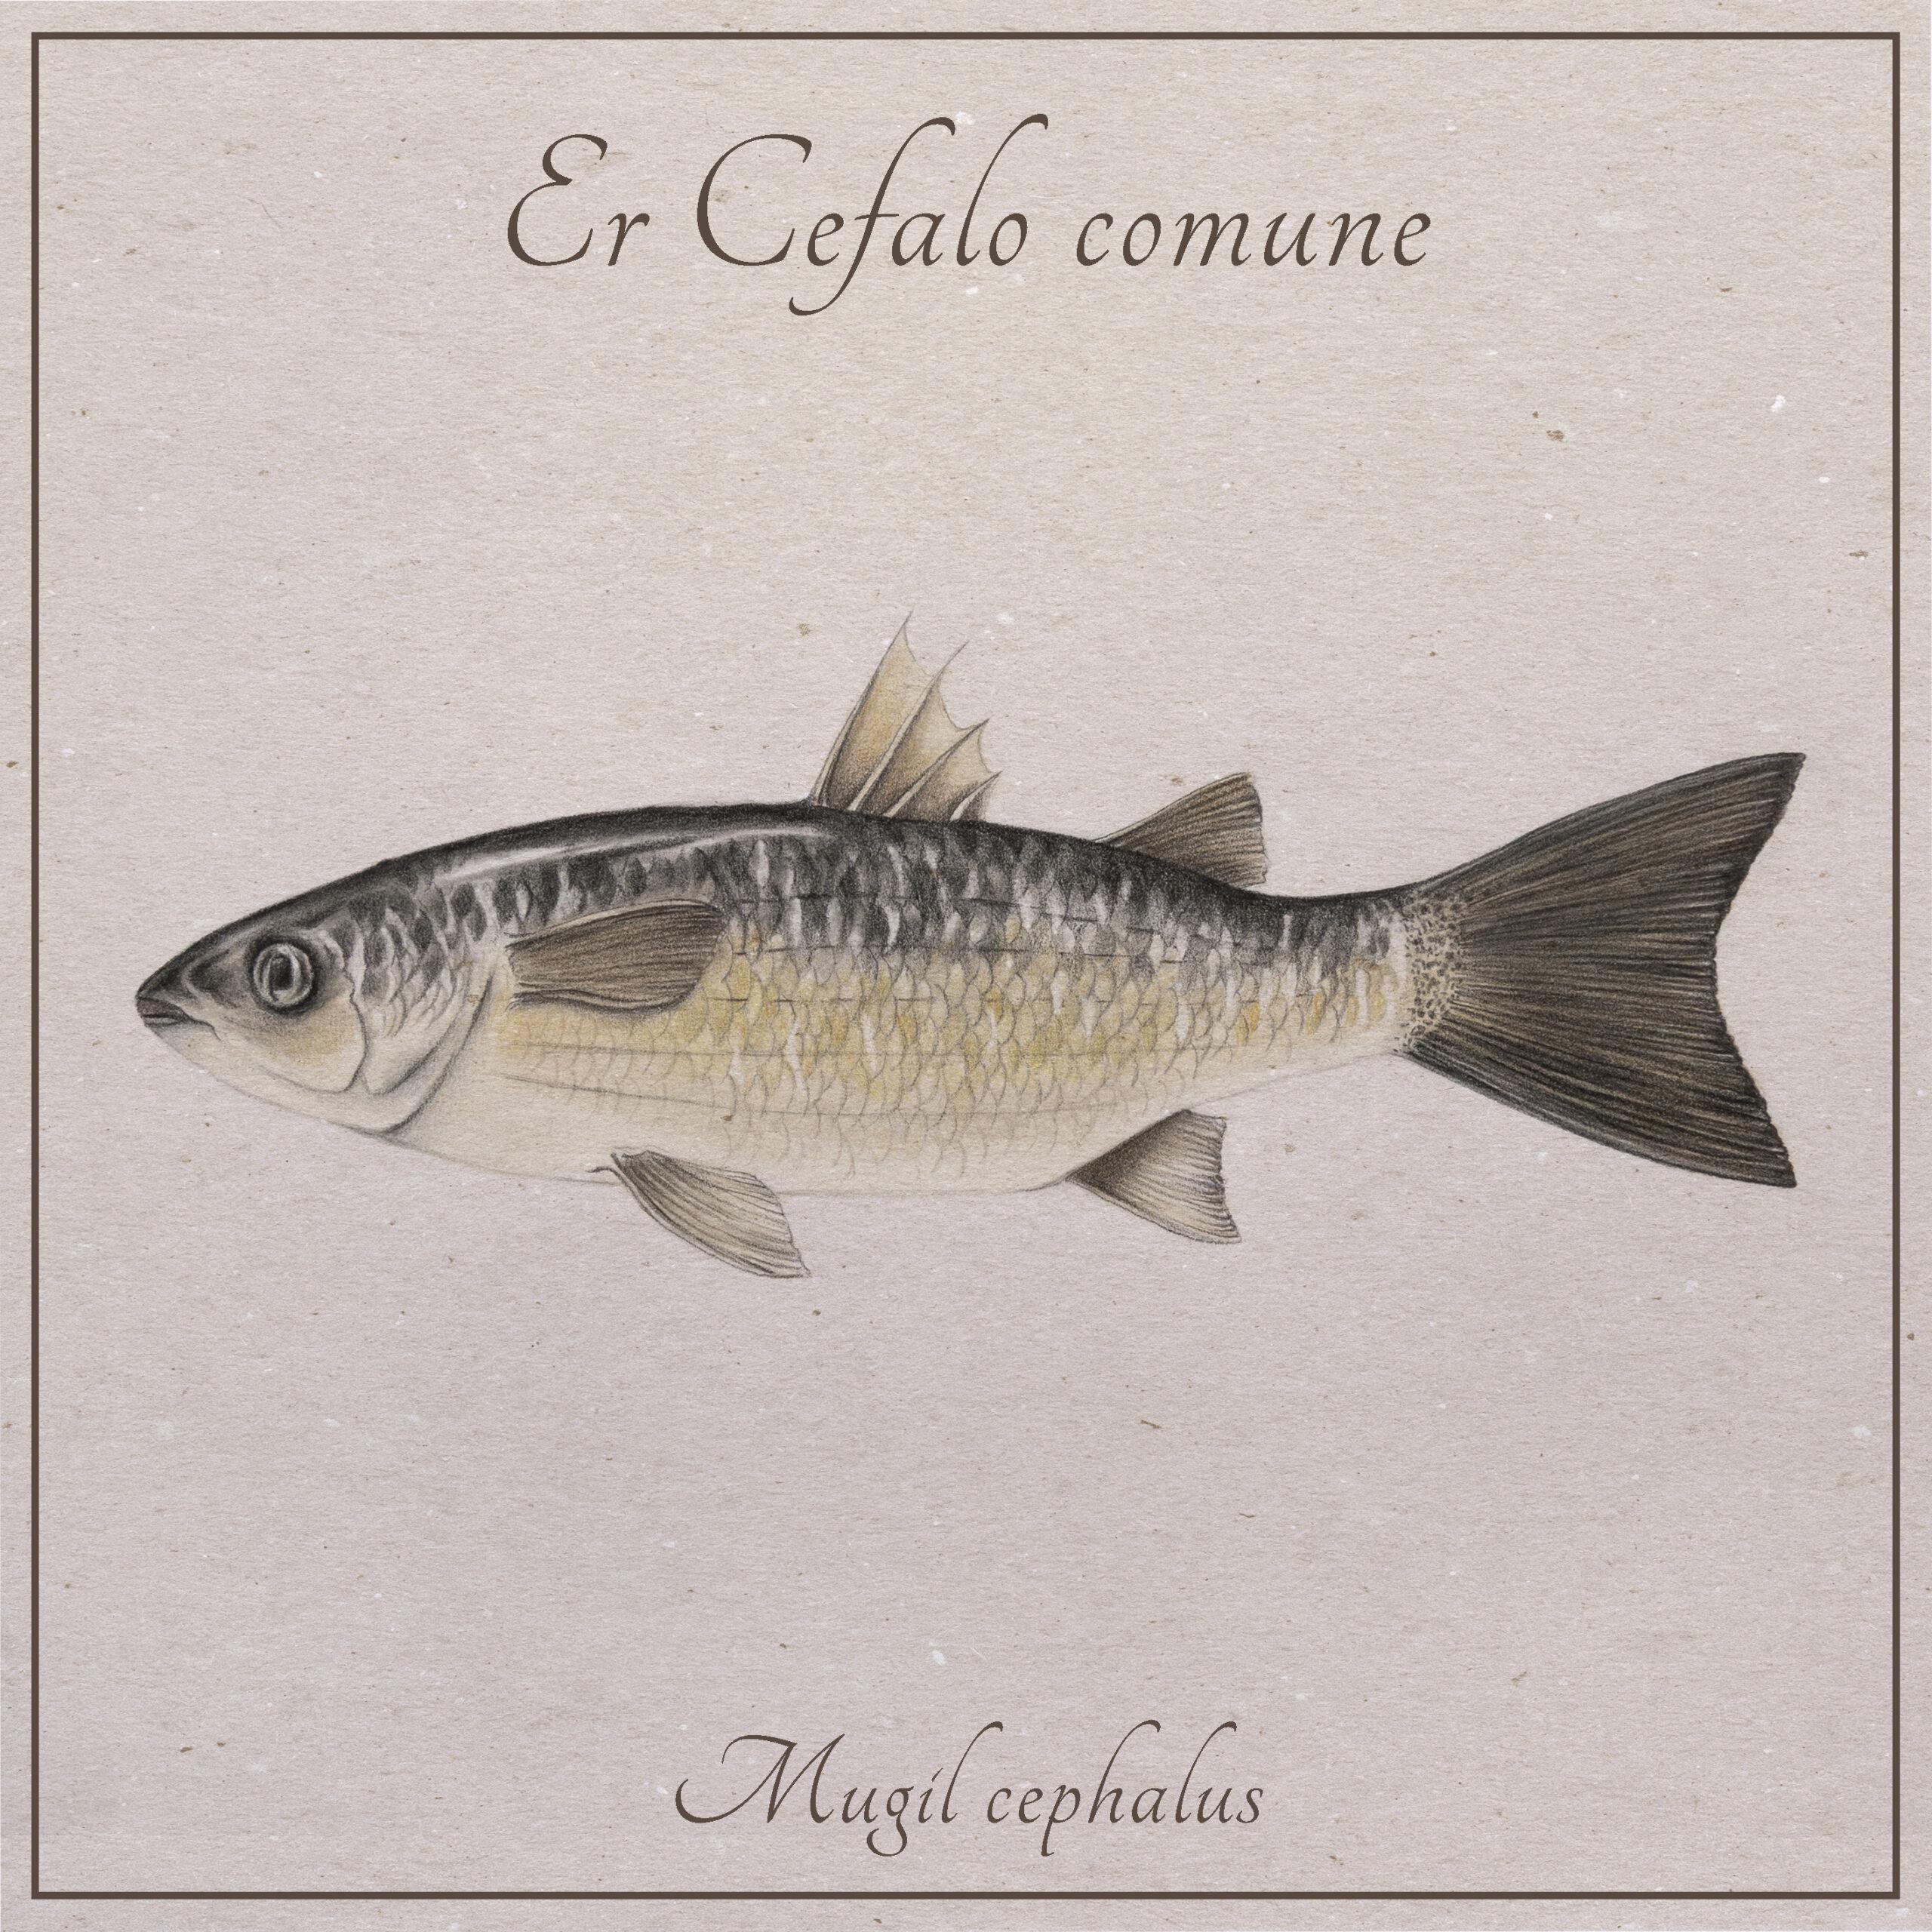 il cefalo comune, pesce che abita il fiume Tevere, illustrato da Nicoletta Guerrieri